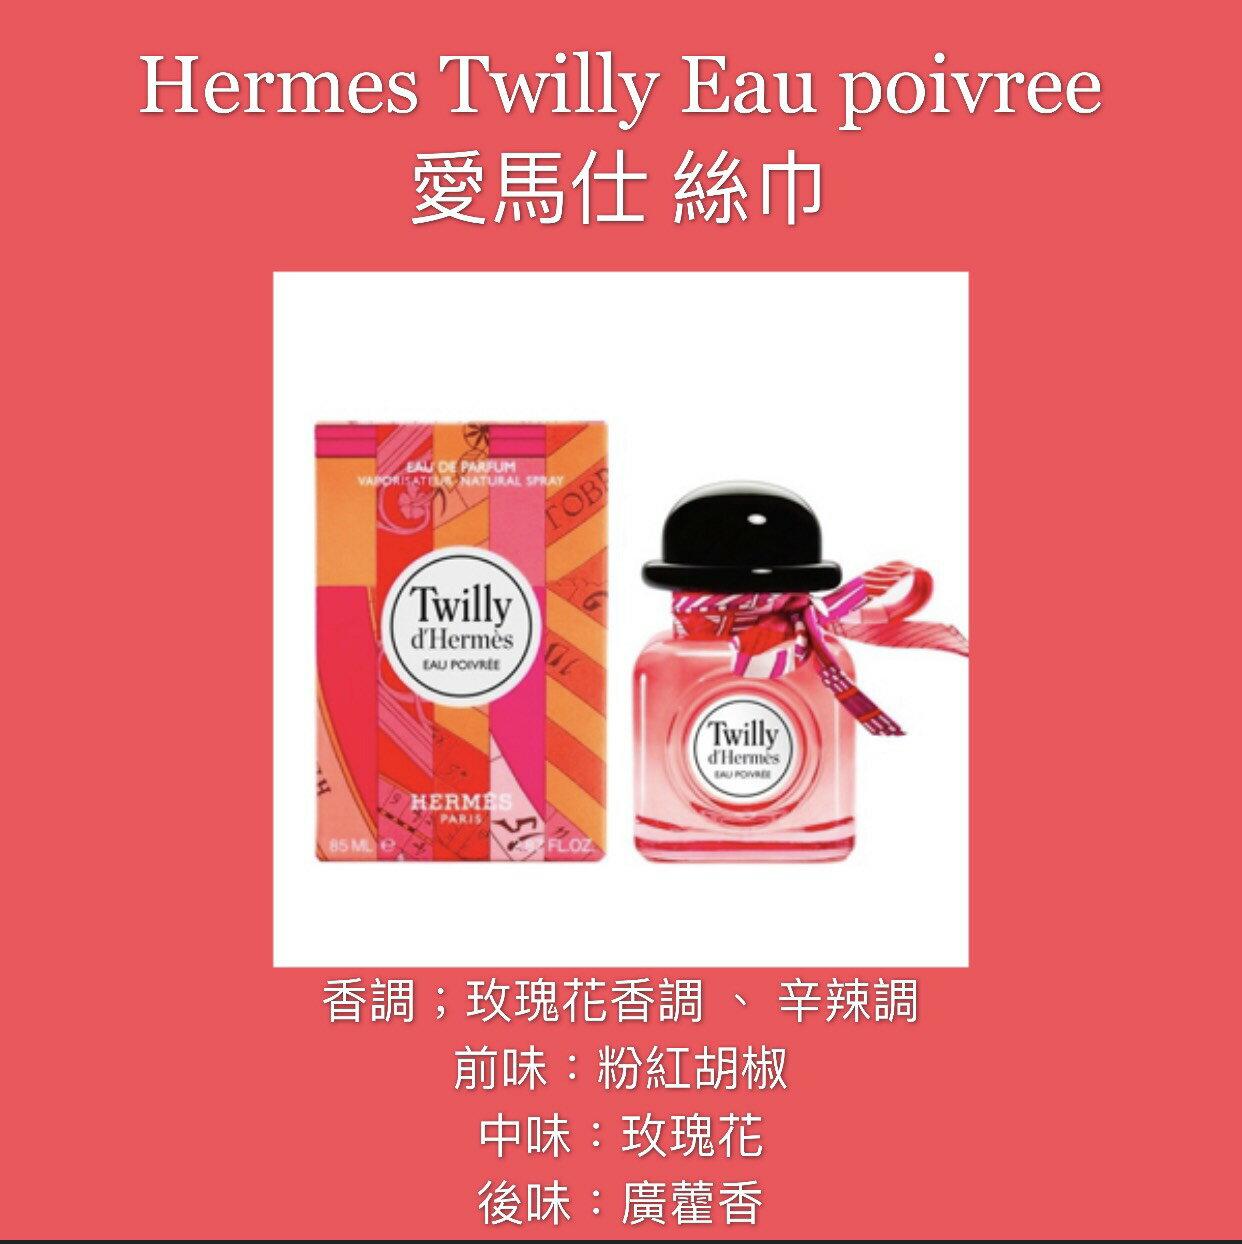 【香舍】Hermes Twilly Eau Poivree 愛馬仕 絲巾胡椒 女性淡香精 85ML